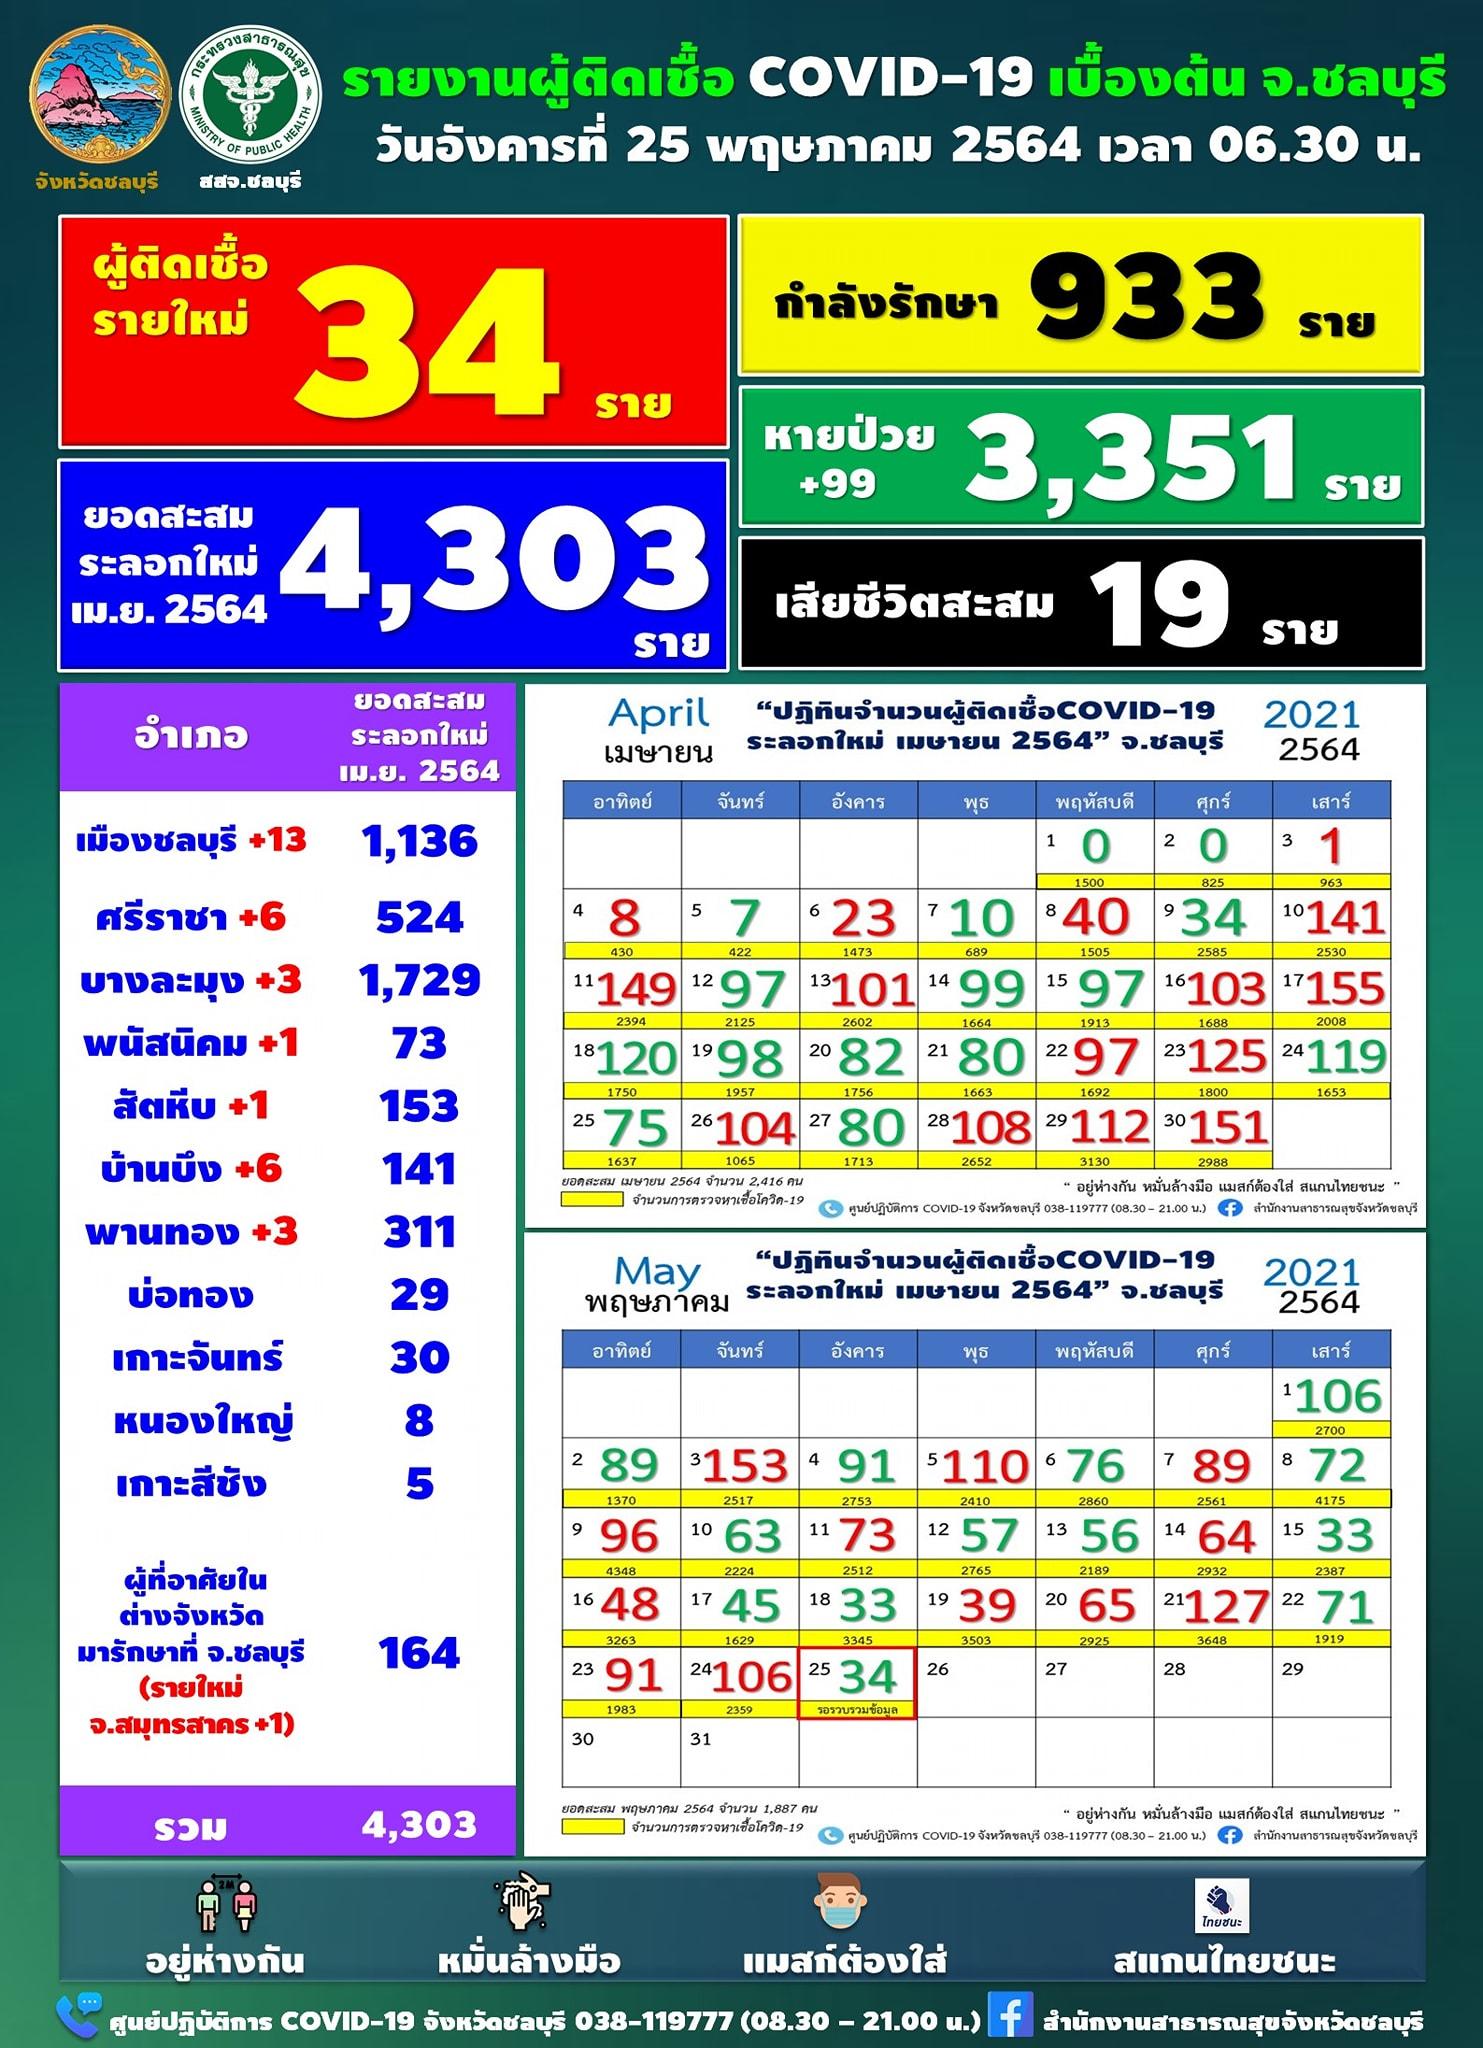 チョンブリ県、新たに34人が陽性[2021年5月25日発表]